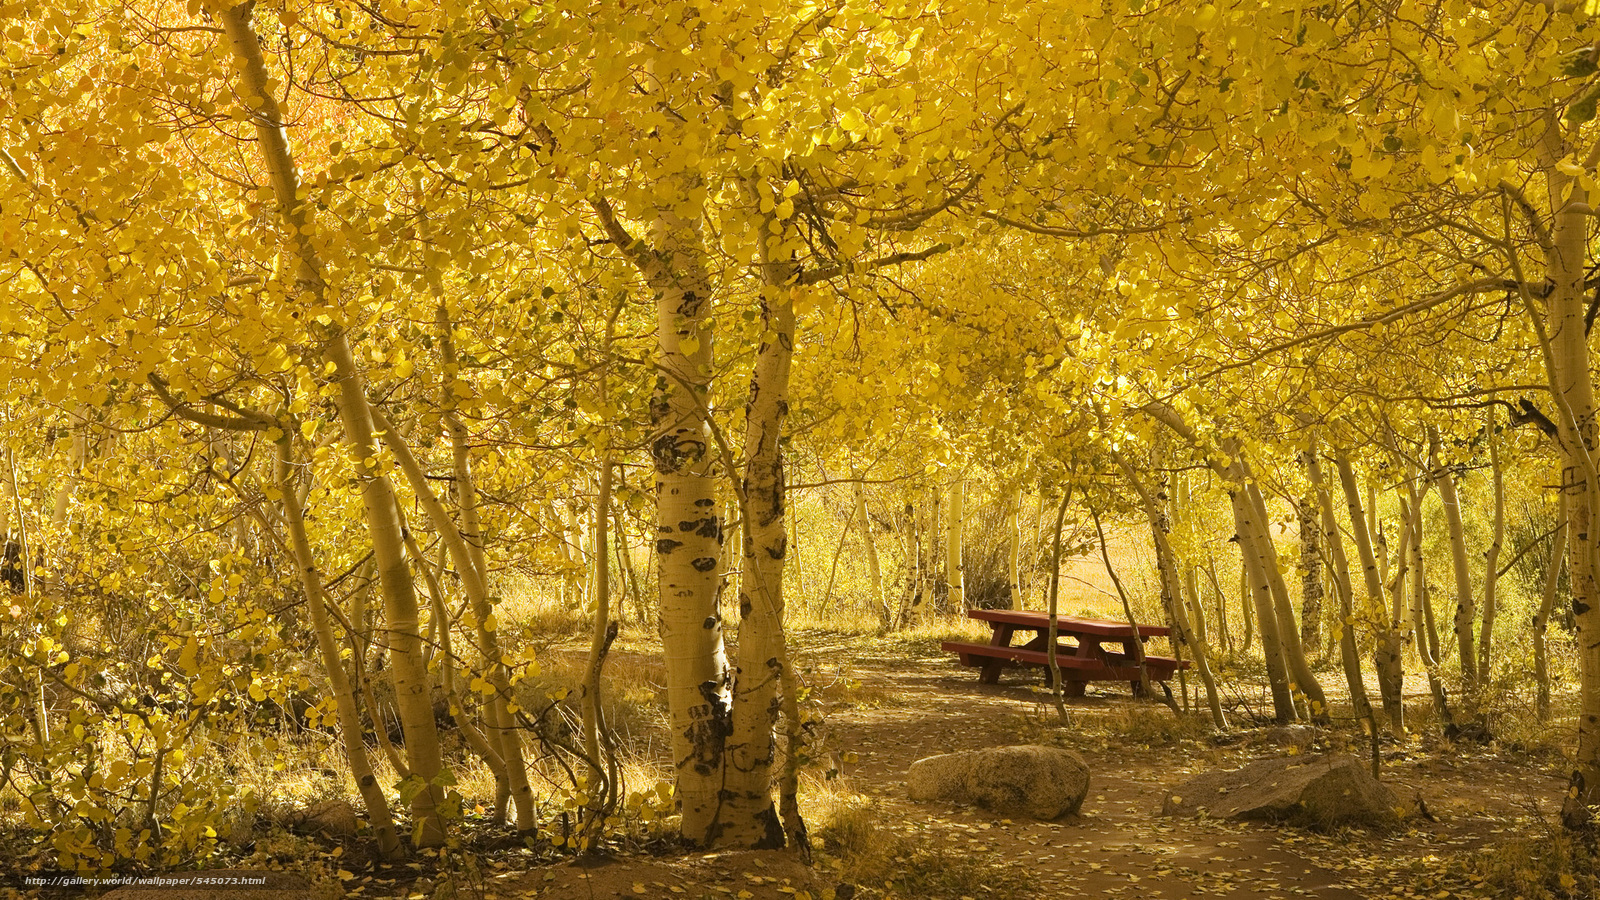 壁紙をダウンロード 秋 木 自然 テーブル デスクトップの解像度のための無料壁紙 19x1080 絵